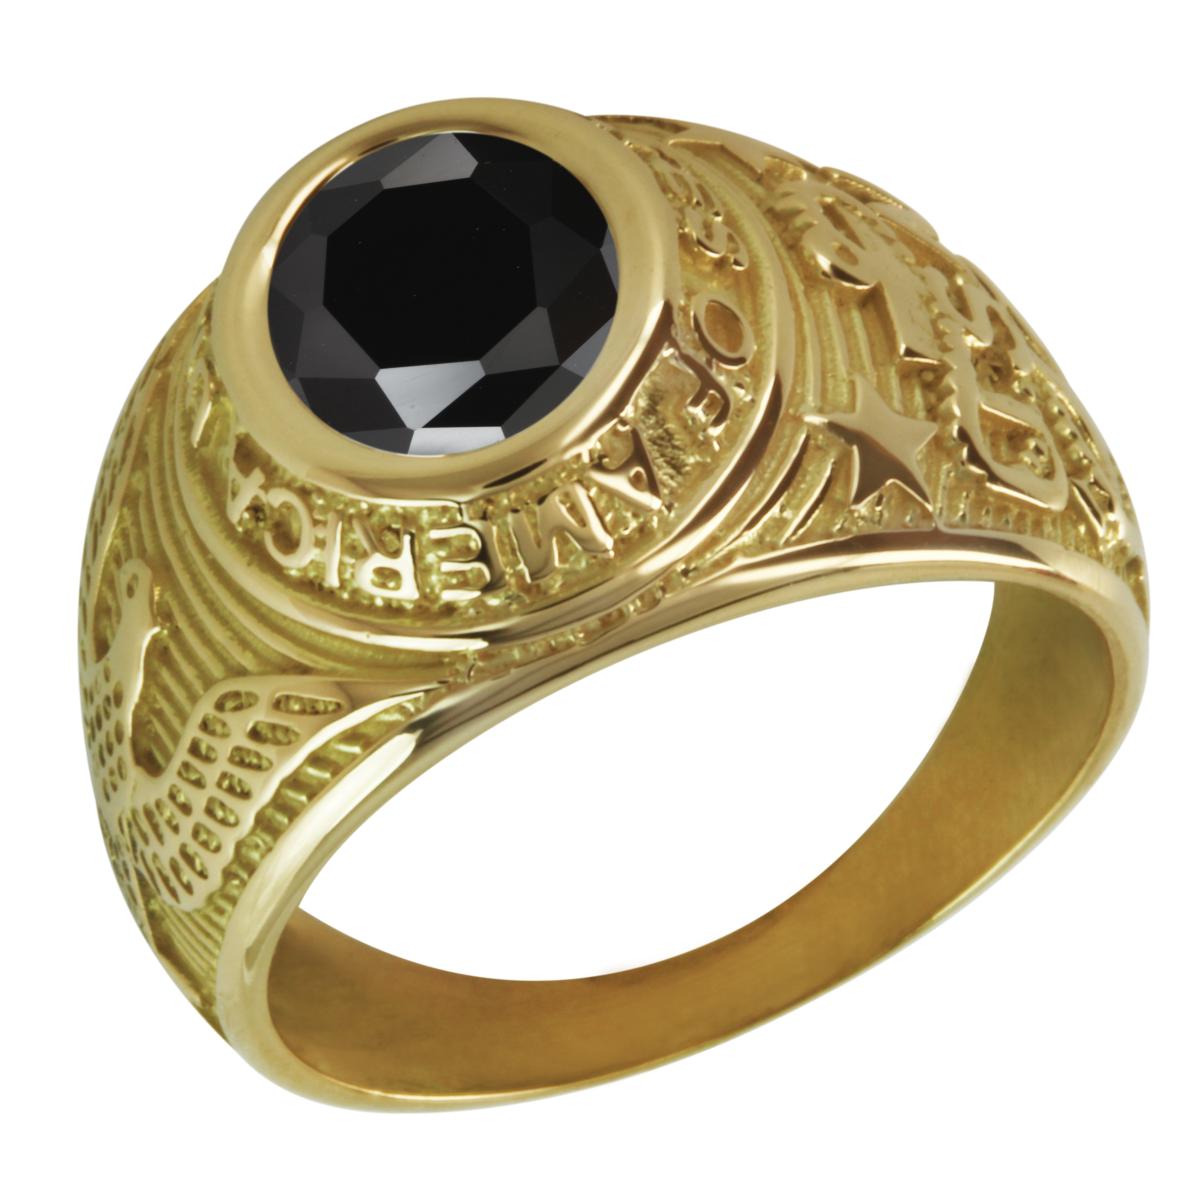 Attractif Bague chevalière or homme universitaire pierre noire IX16 c946007fe0db